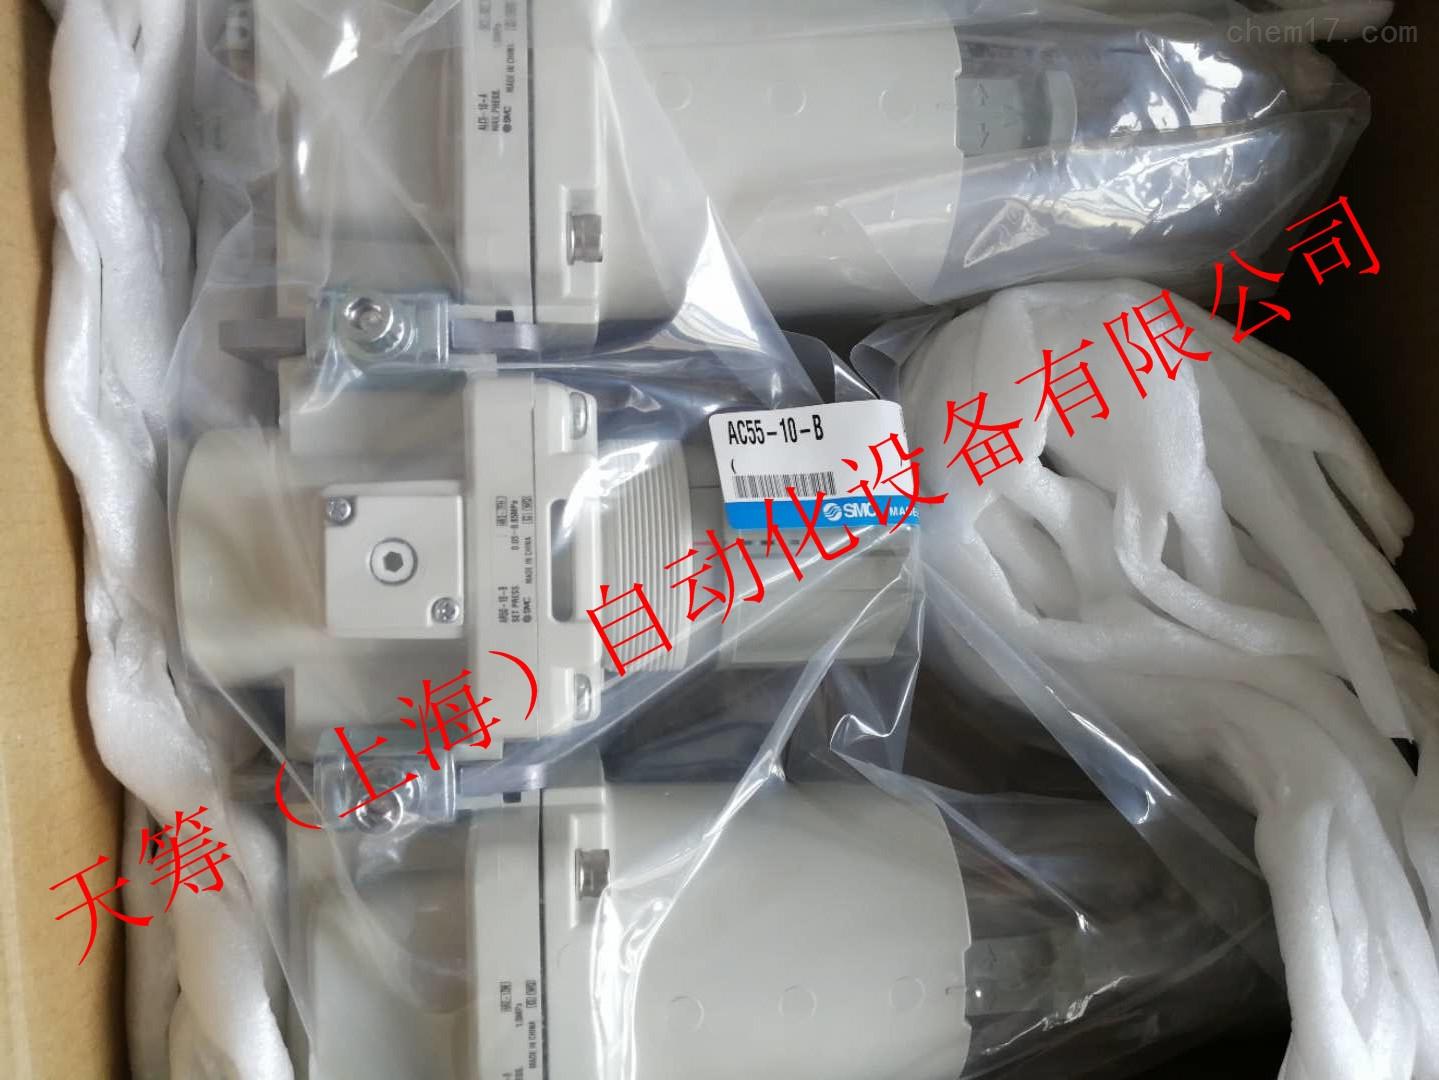 日本SMC原装空气组合元件AC55-10-B